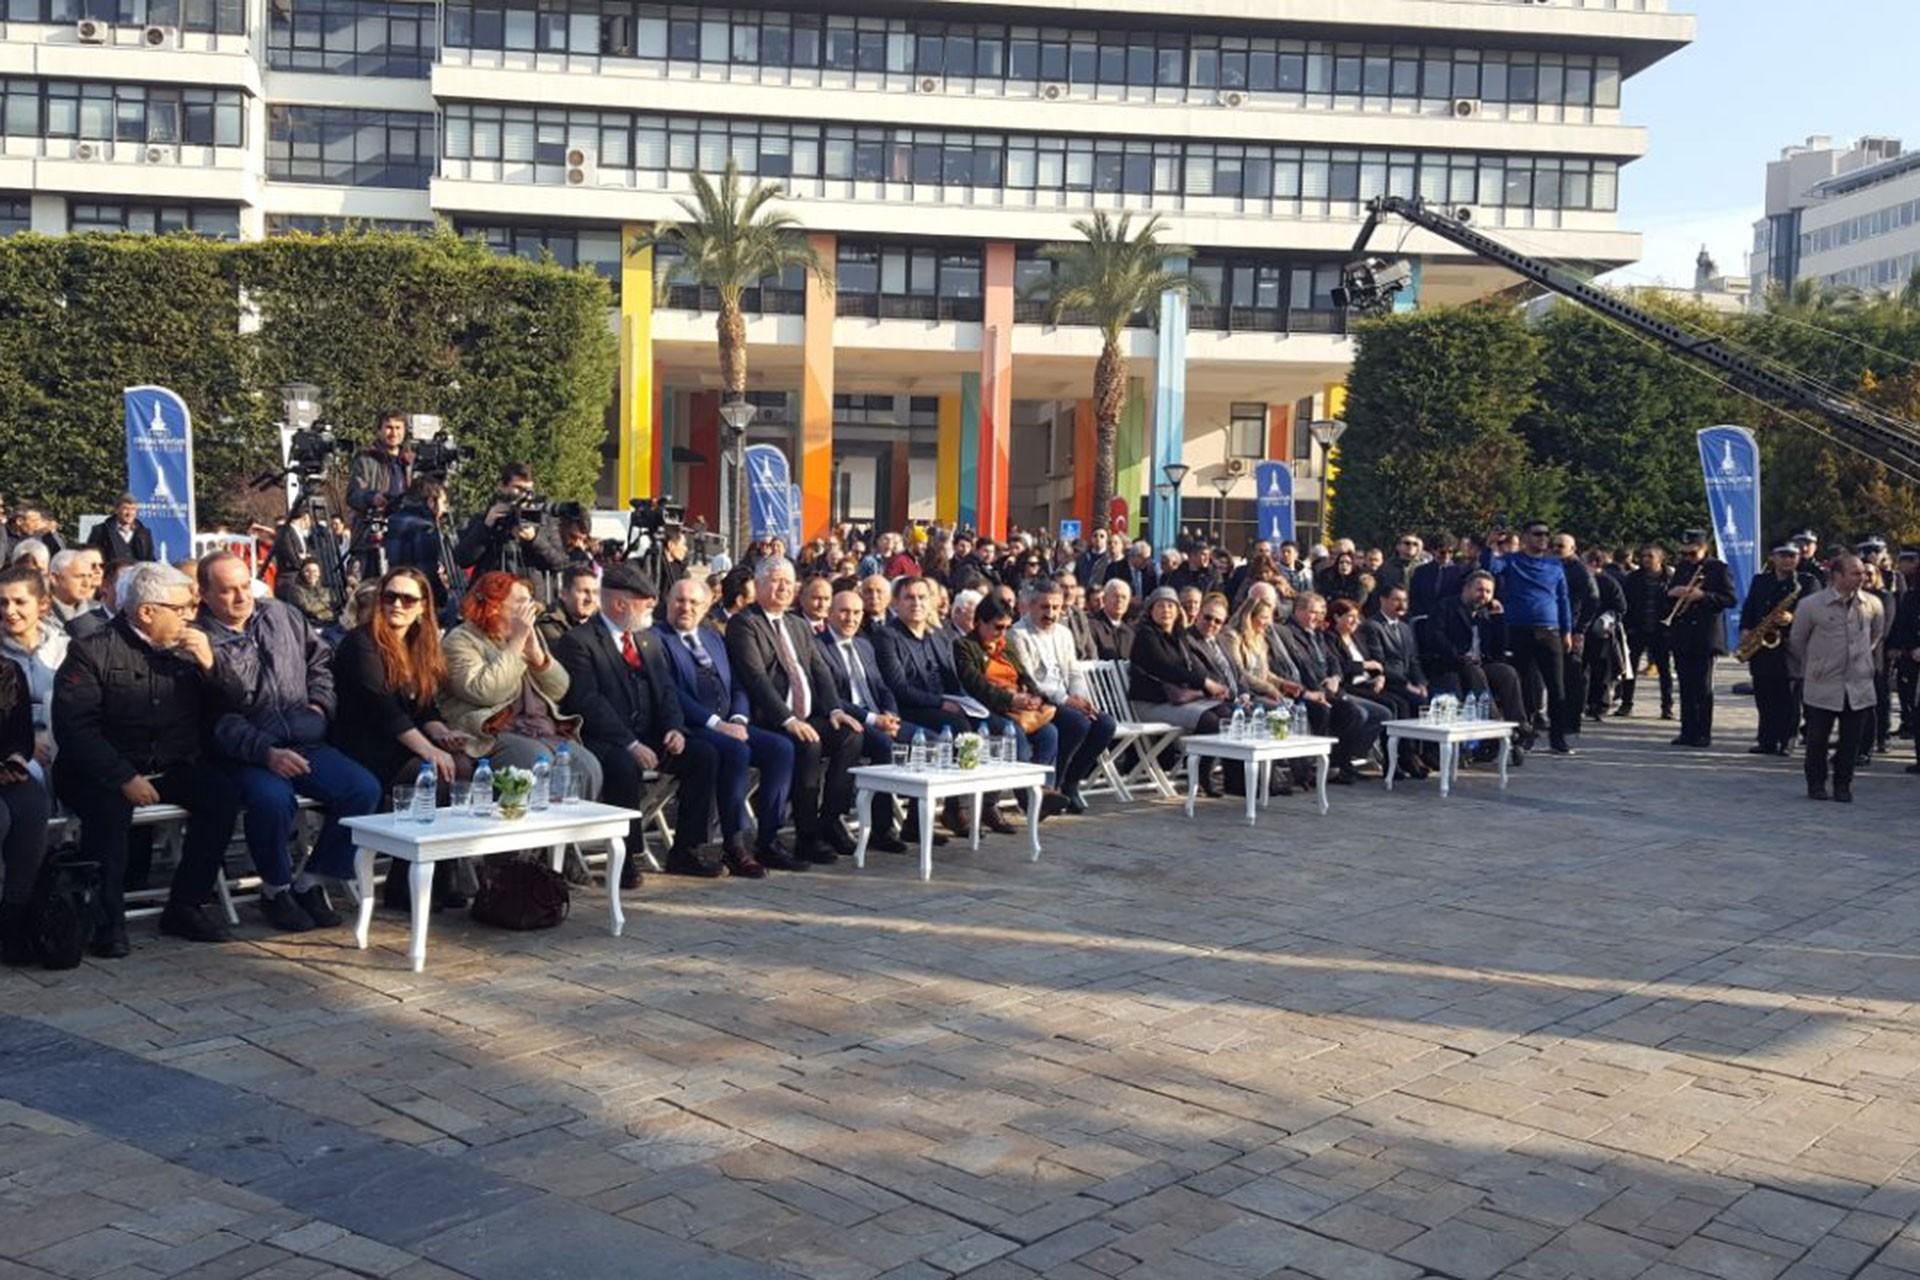 İzmir Büyükşehir Belediyesi Konak Meydanı'nda dijital girişimi olan Bizİzmir uygulamasını tanıtırken